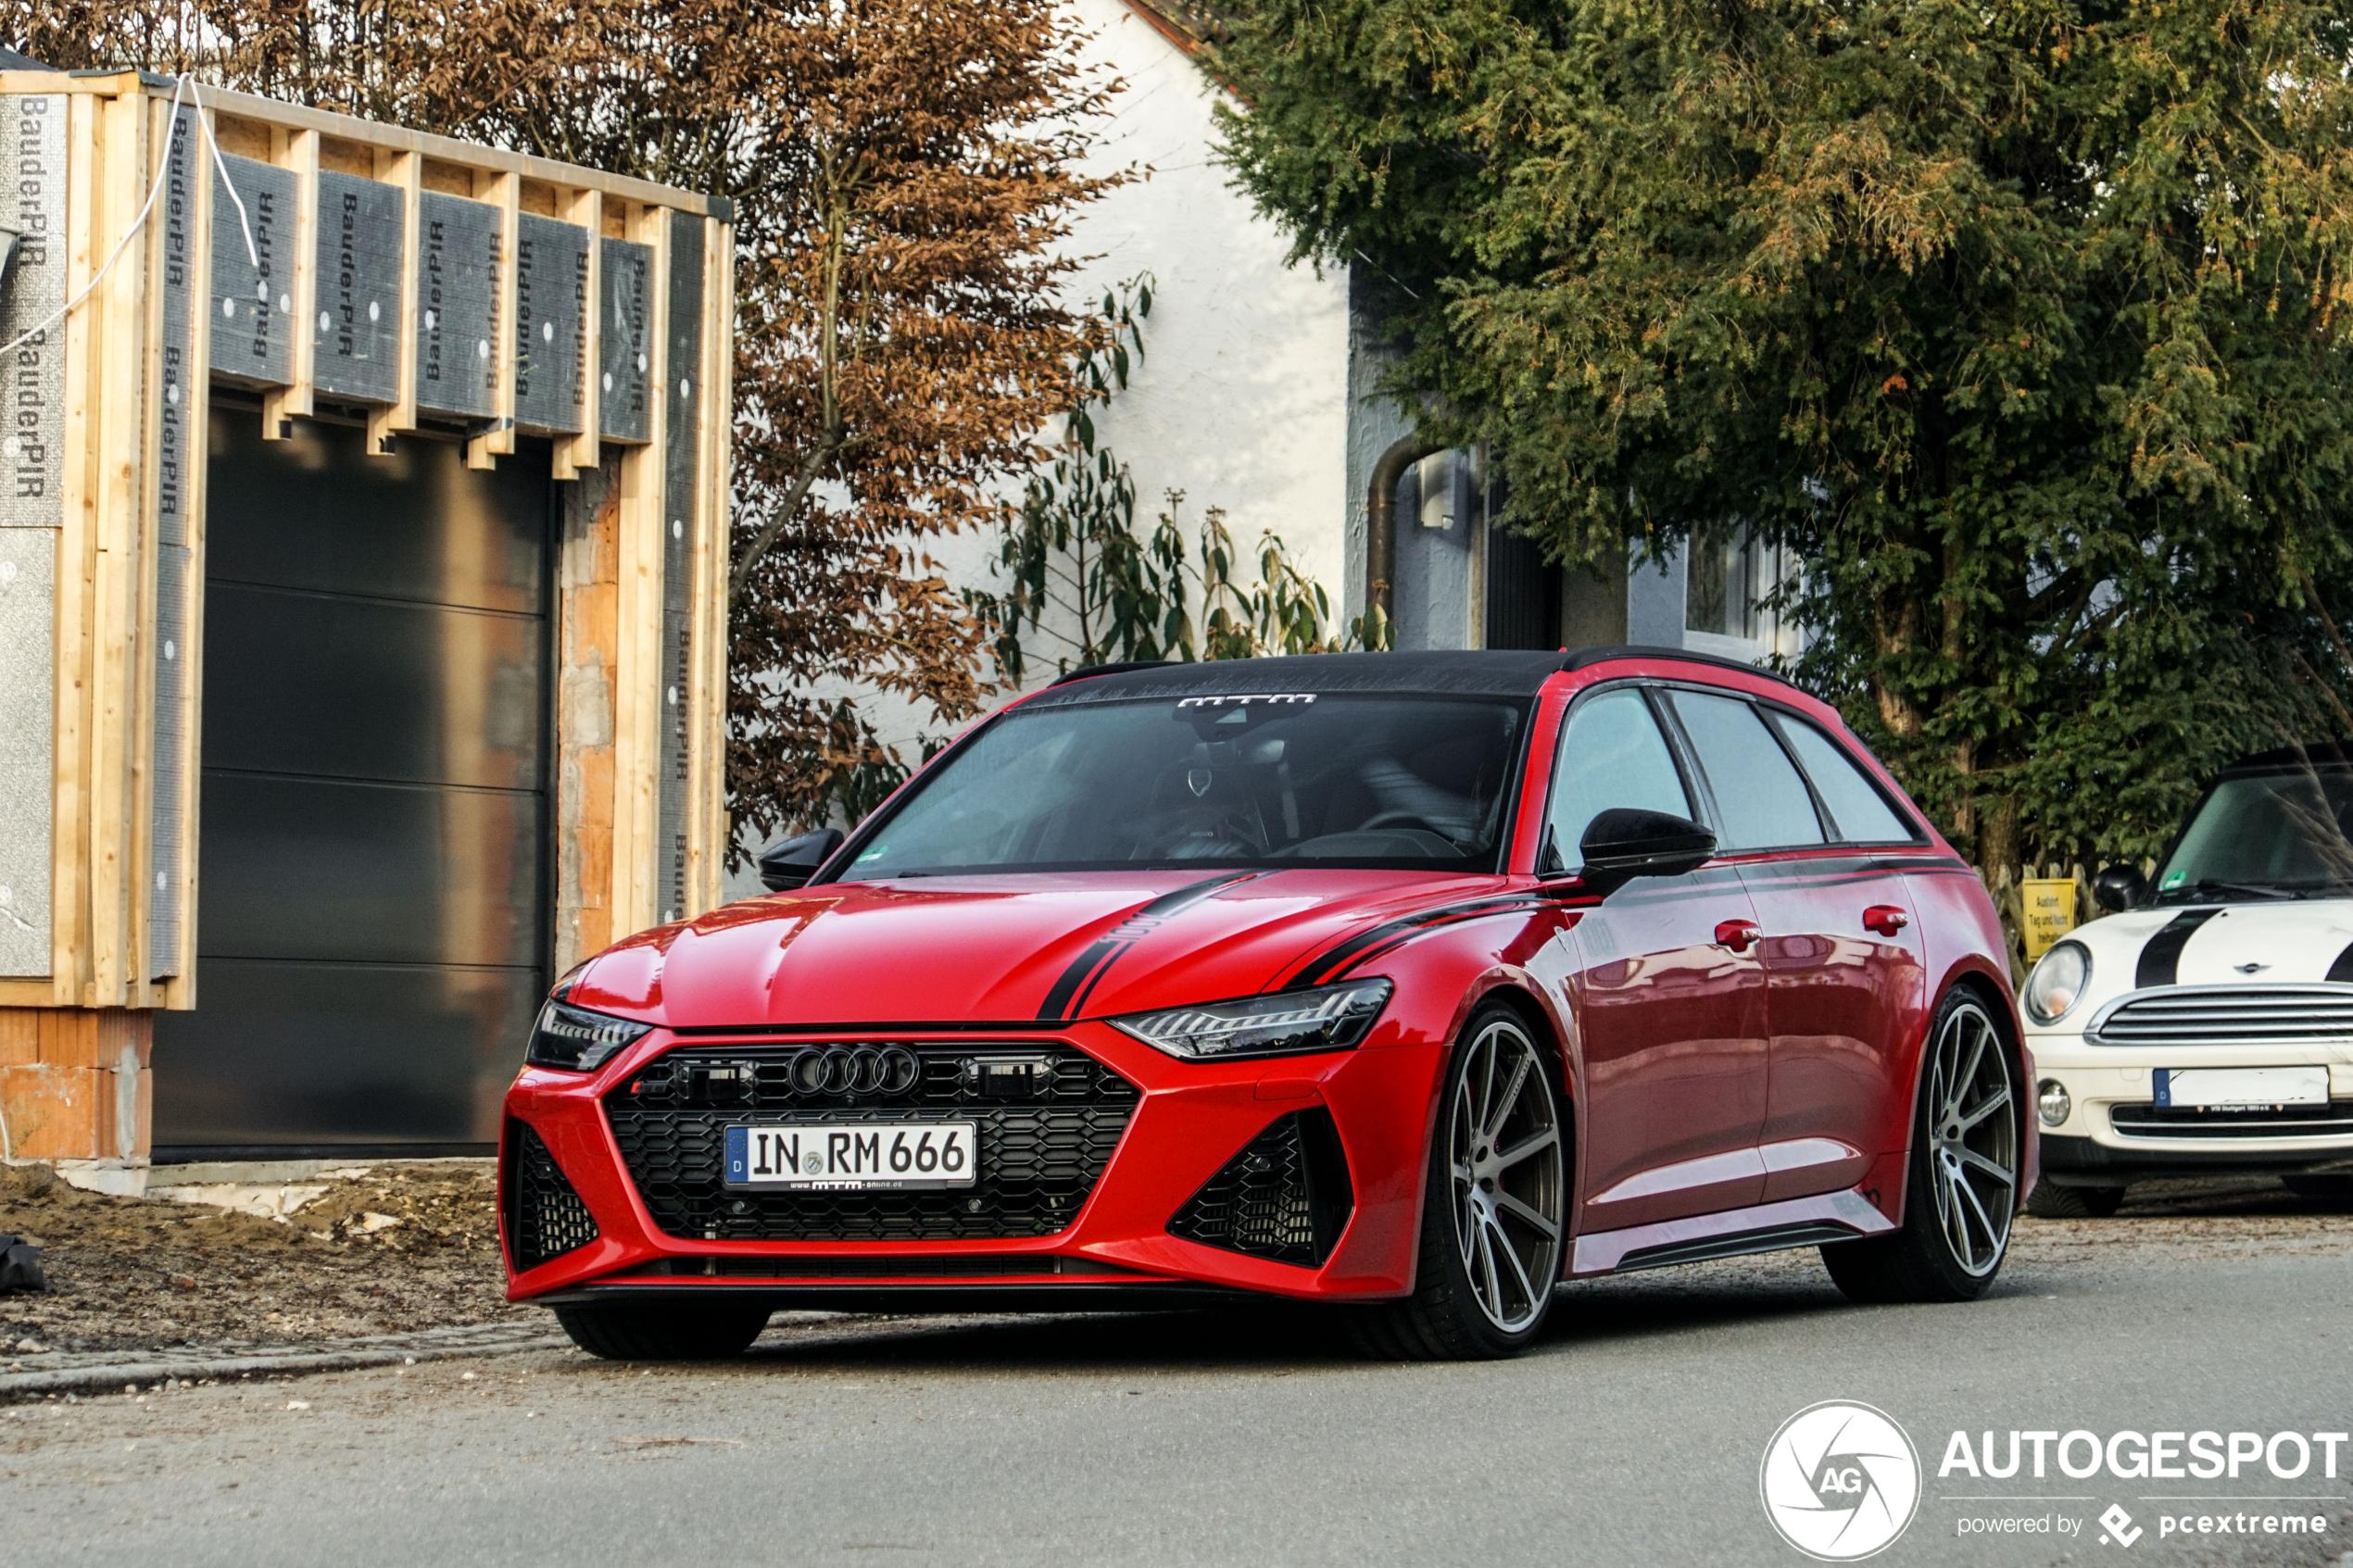 Met de Audi MTM RS6 Avant wil je het gevecht niet aan gaan